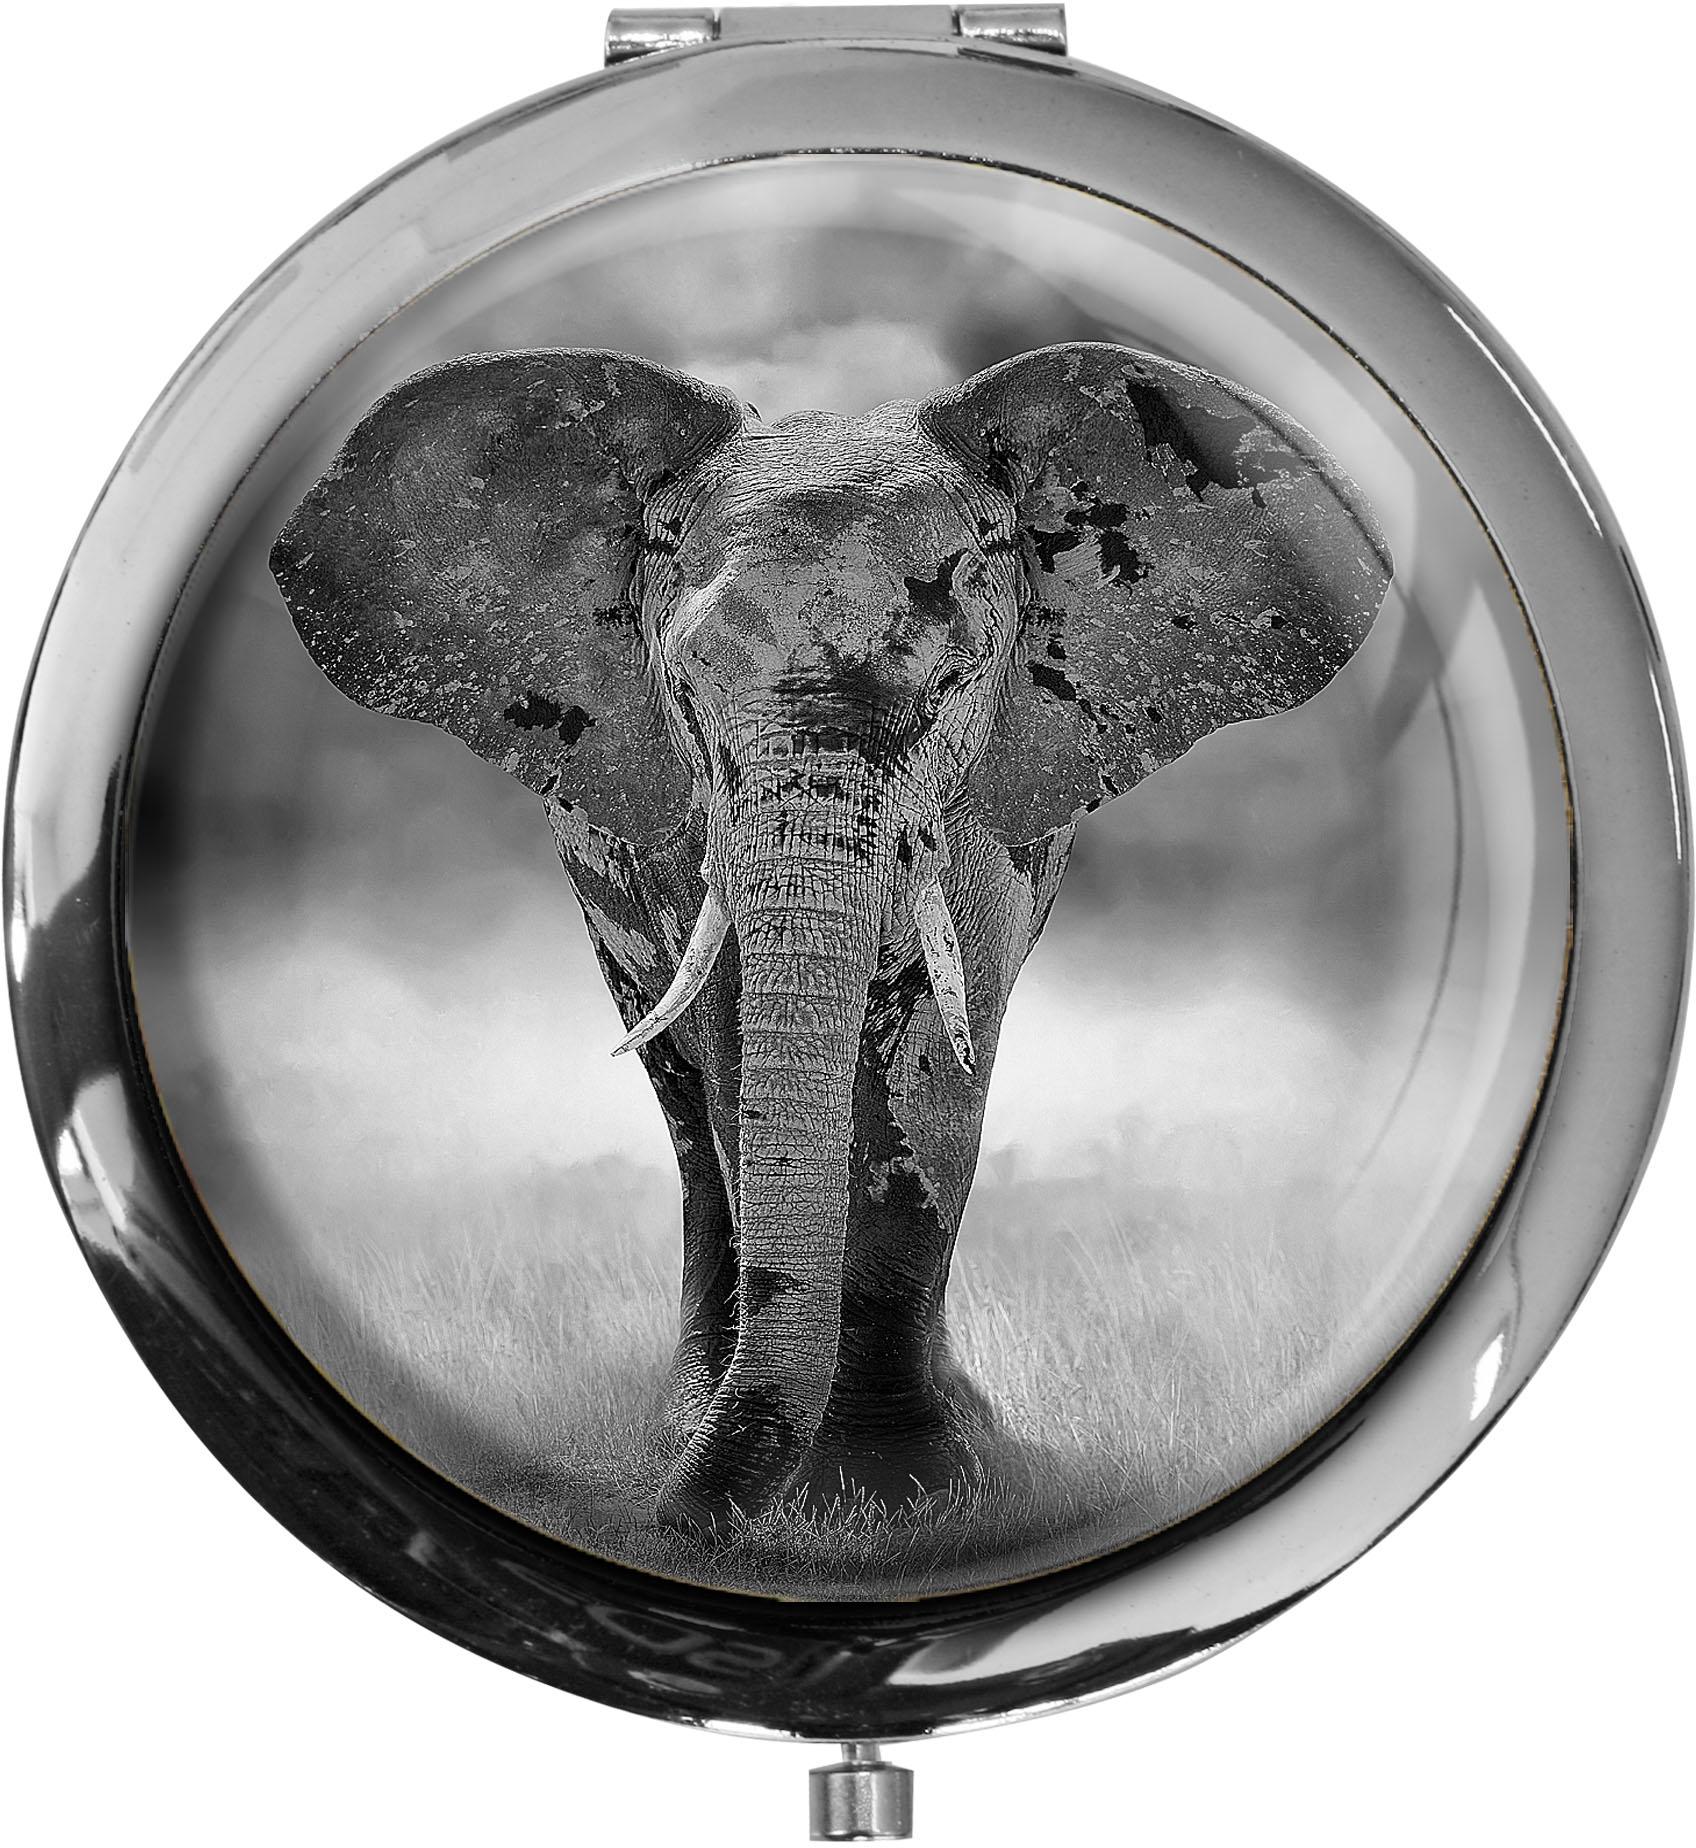 Taschenspiegel / Spiegel / Elefant / Wildtiere